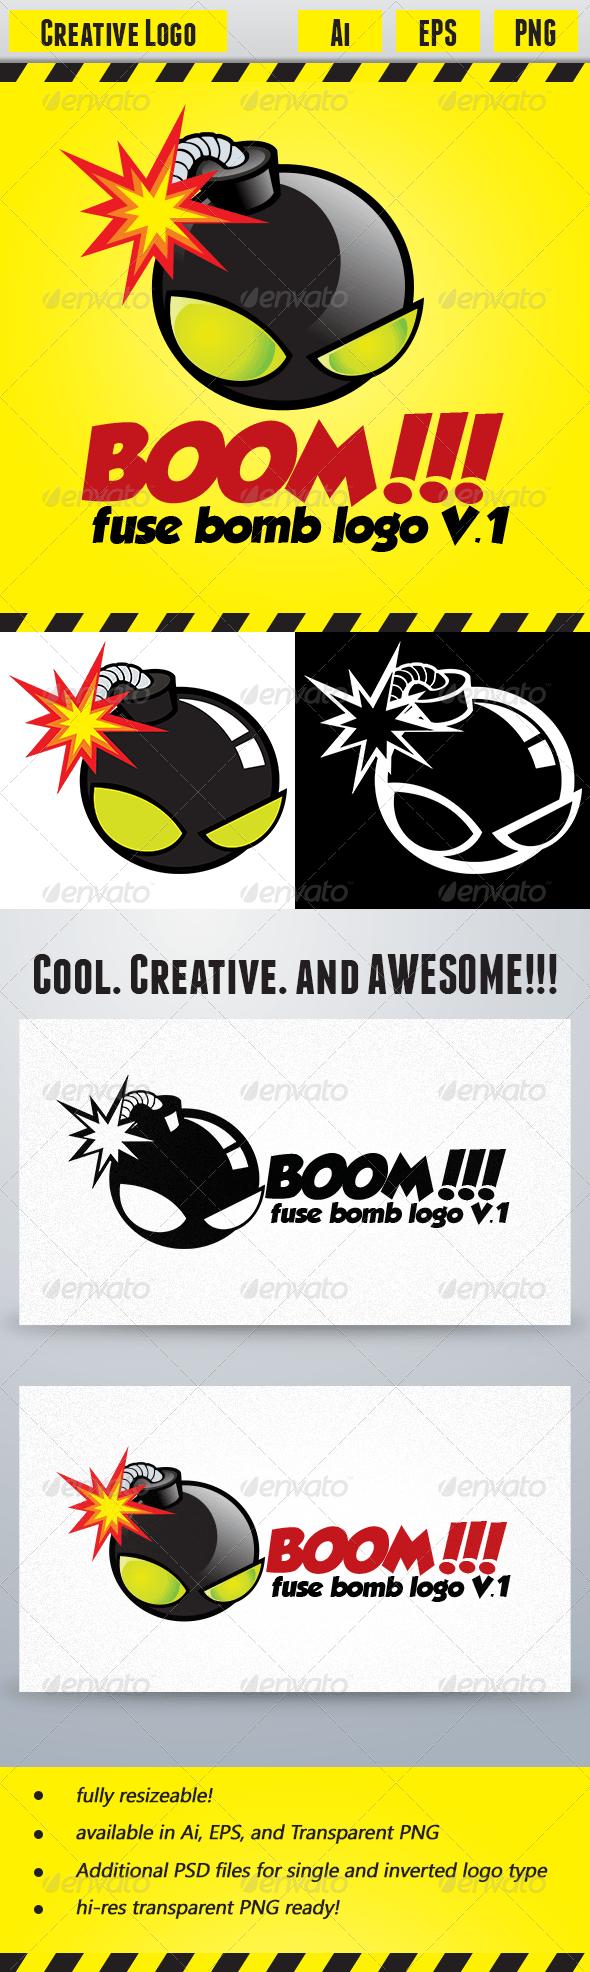 GraphicRiver Boom Fuse Bomb Logo V.1 5352578